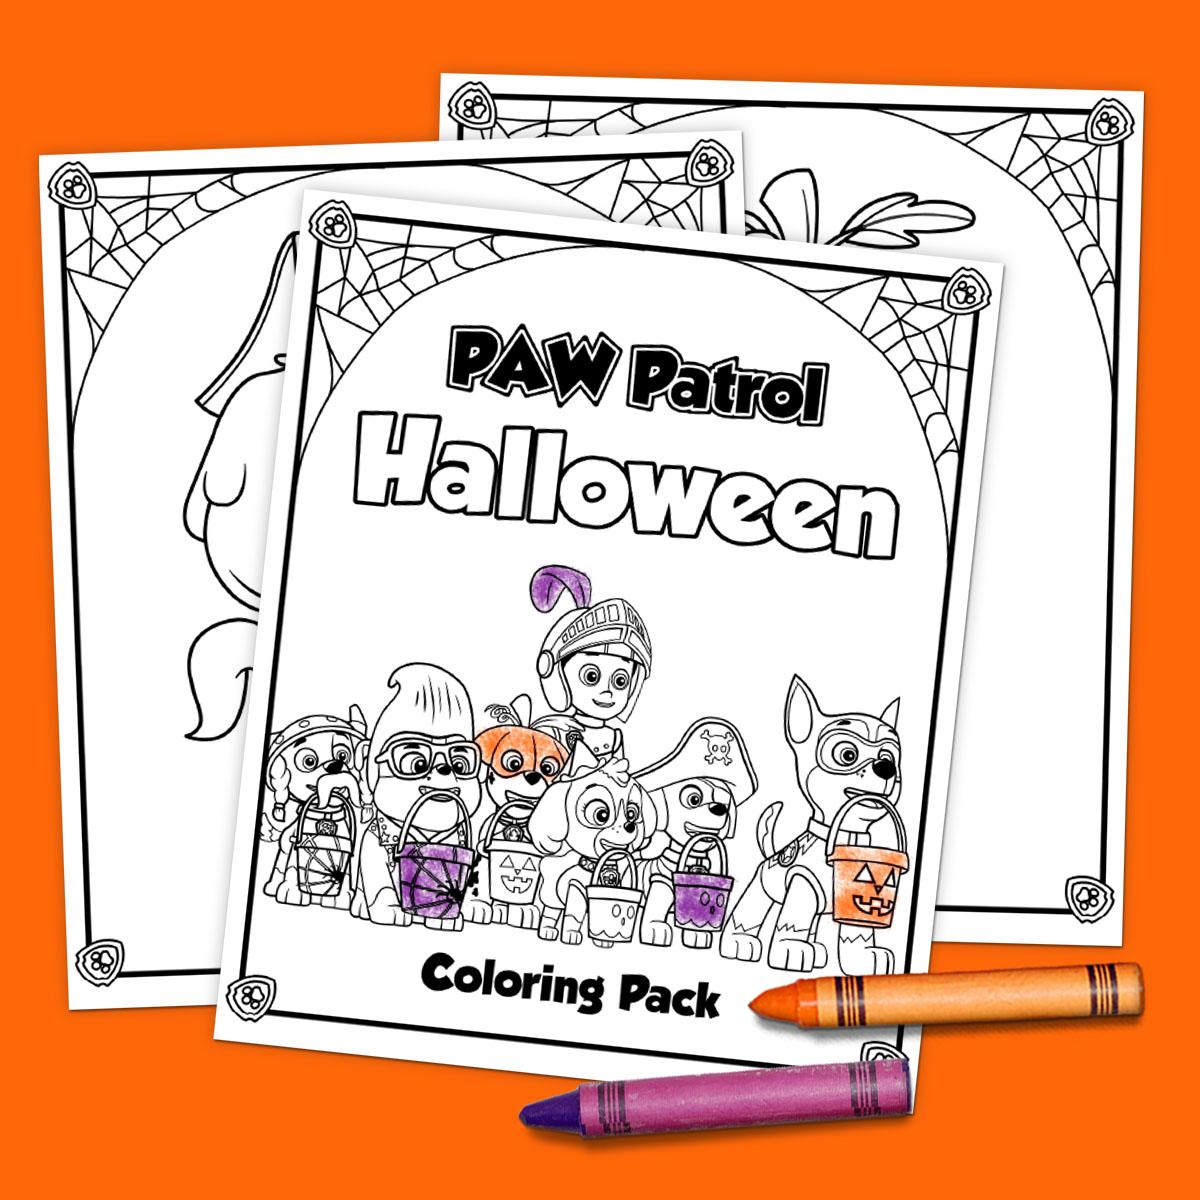 Printable Paw Patrol Halloween Coloring Pack